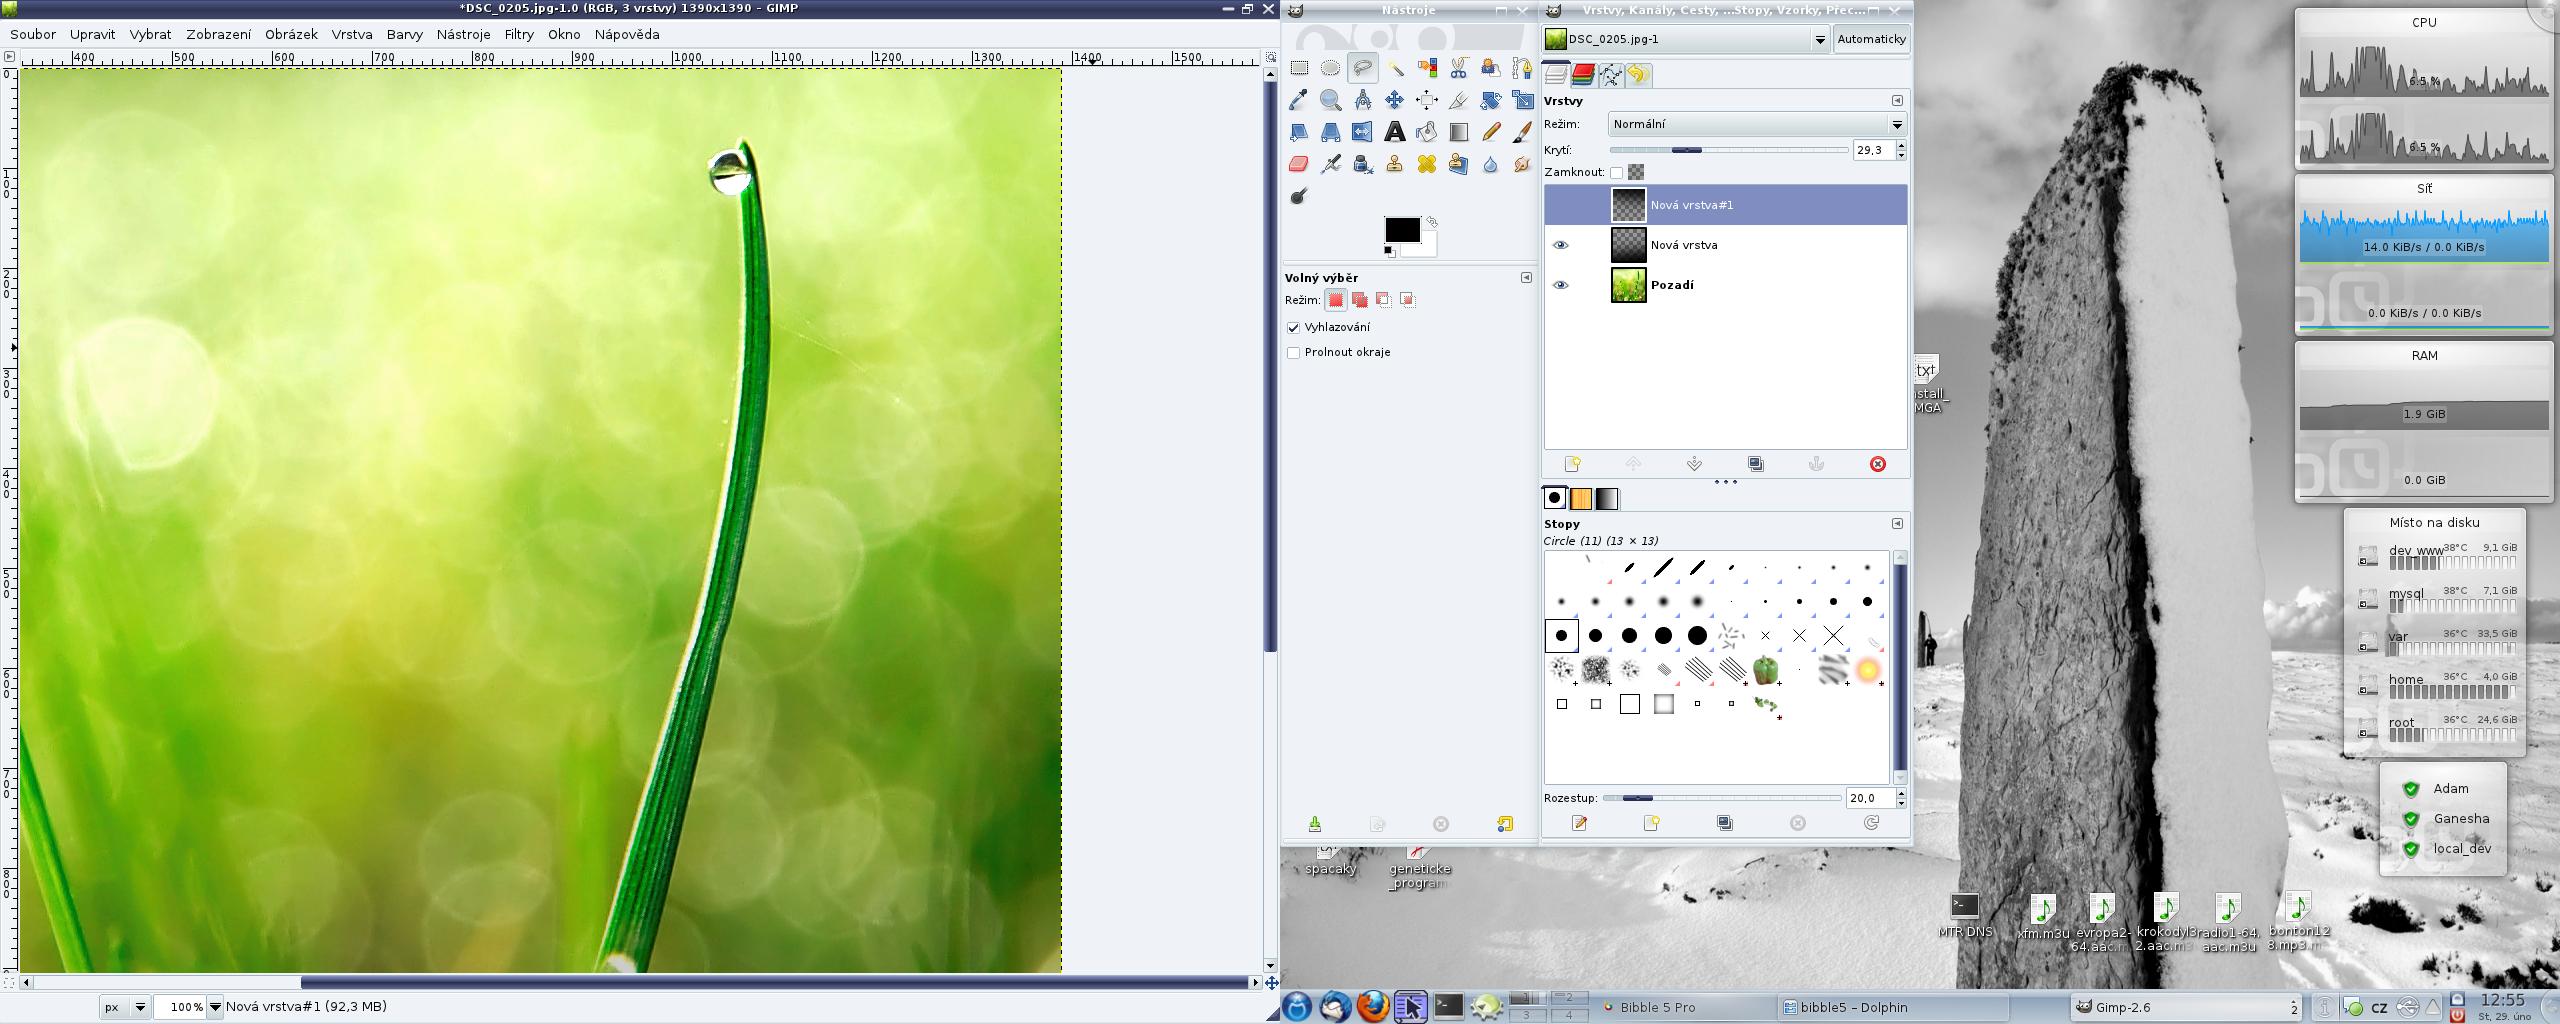 Joelp: Mageia 1, KDE4 - Ze zivota digitalni fotografie 3